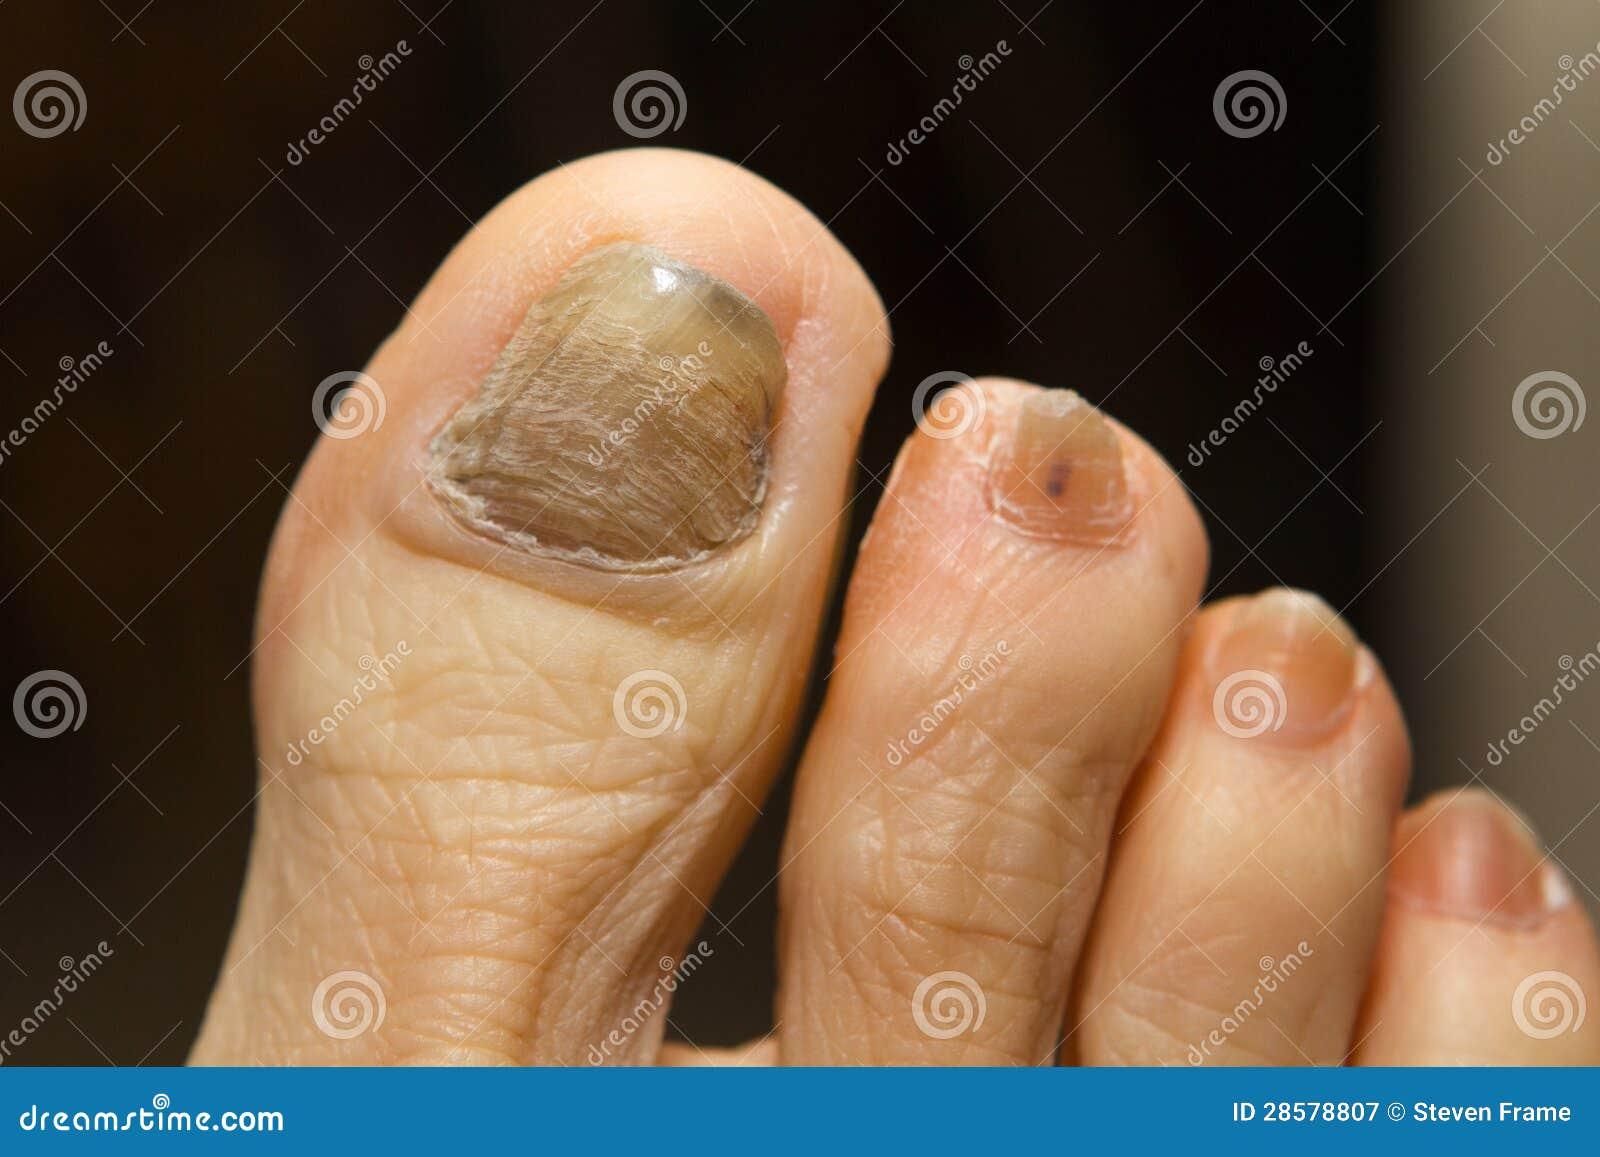 Ongle de pied de champignon de chimioth rapie image stock image 28578807 - Coupe des ongles de pieds ...